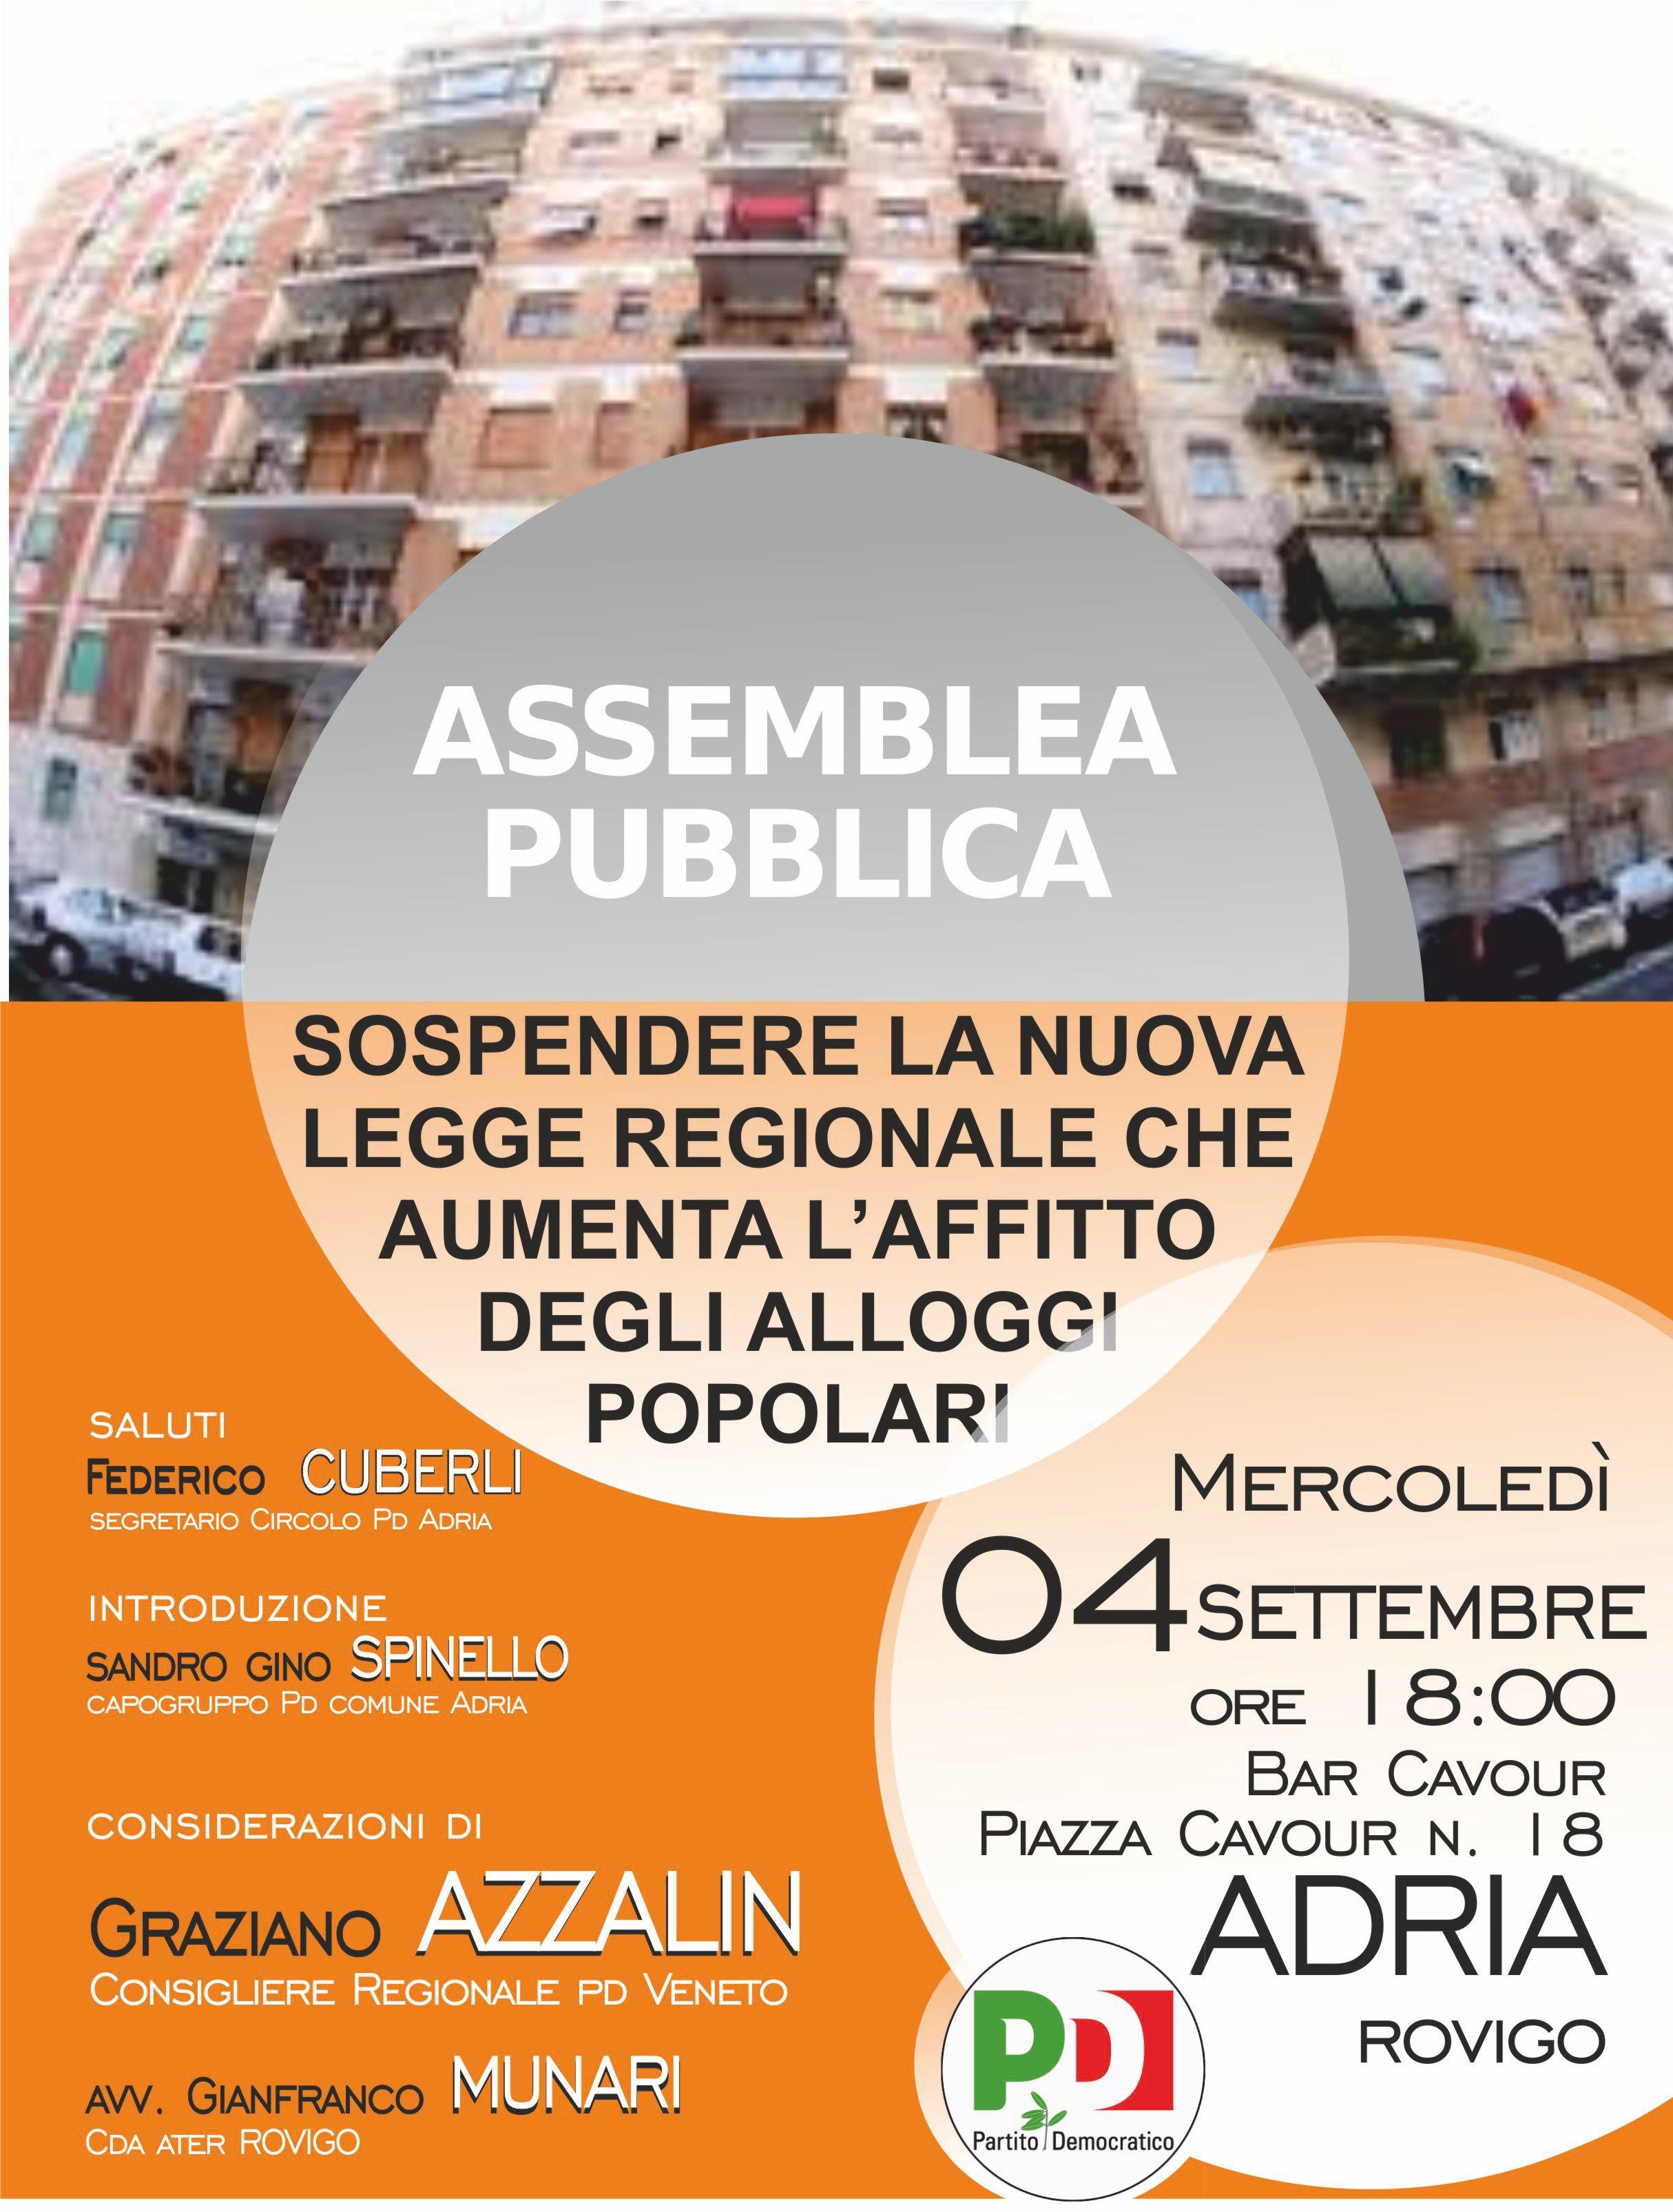 Alloggi popolari, nuovi incontri pubblici con il consigliere regionale del PD Azzalin